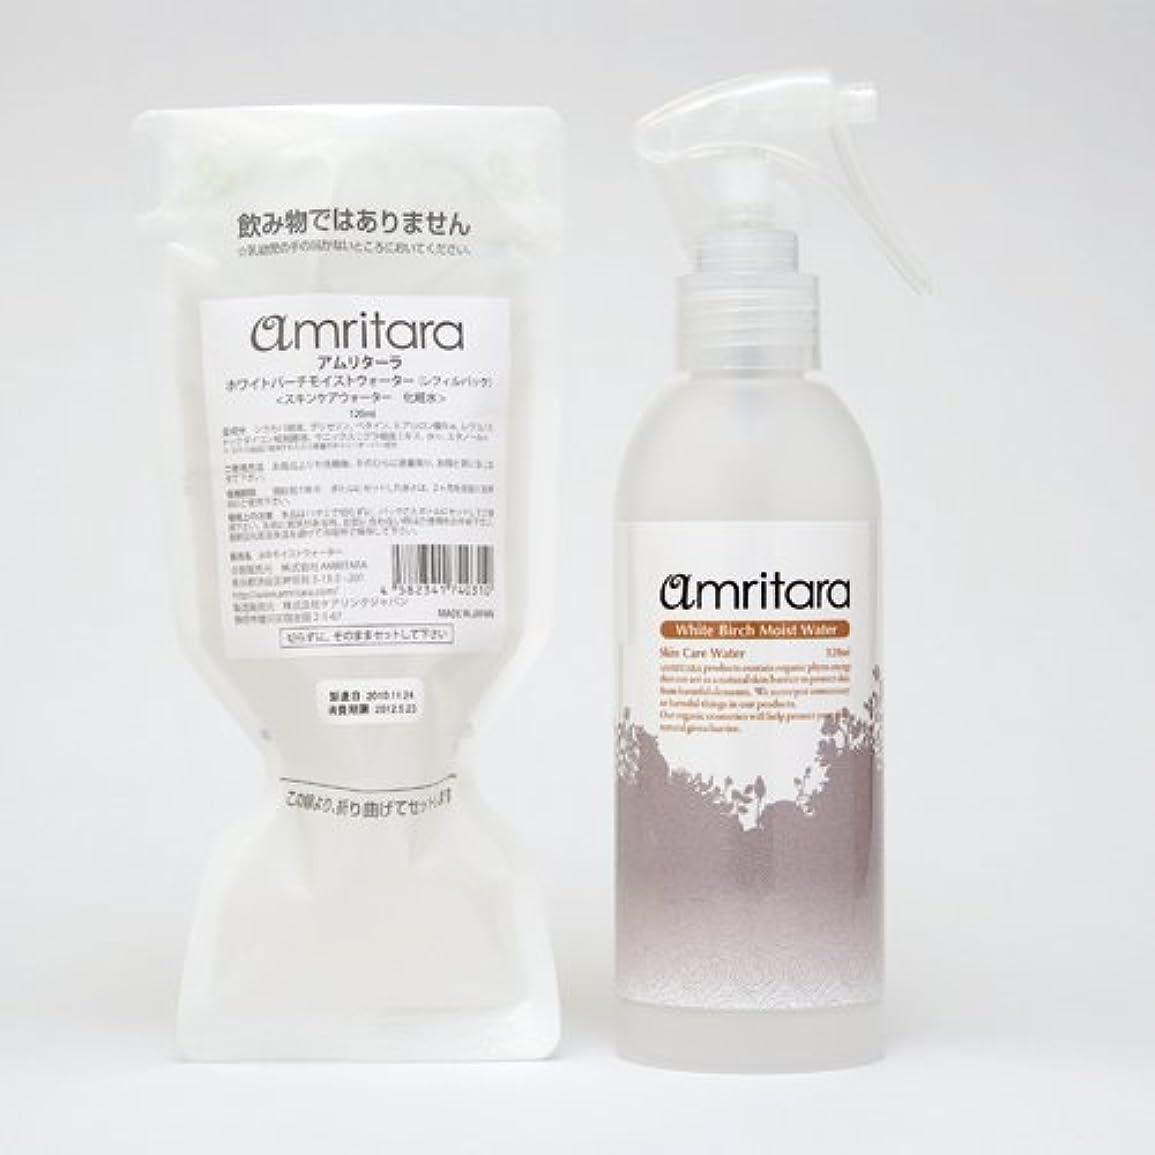 ペットマウンドヒゲクジラamritara(アムリターラ) ホワイトバーチモイストウォーター セット 120mL (レフィルと空ボトルのセット)